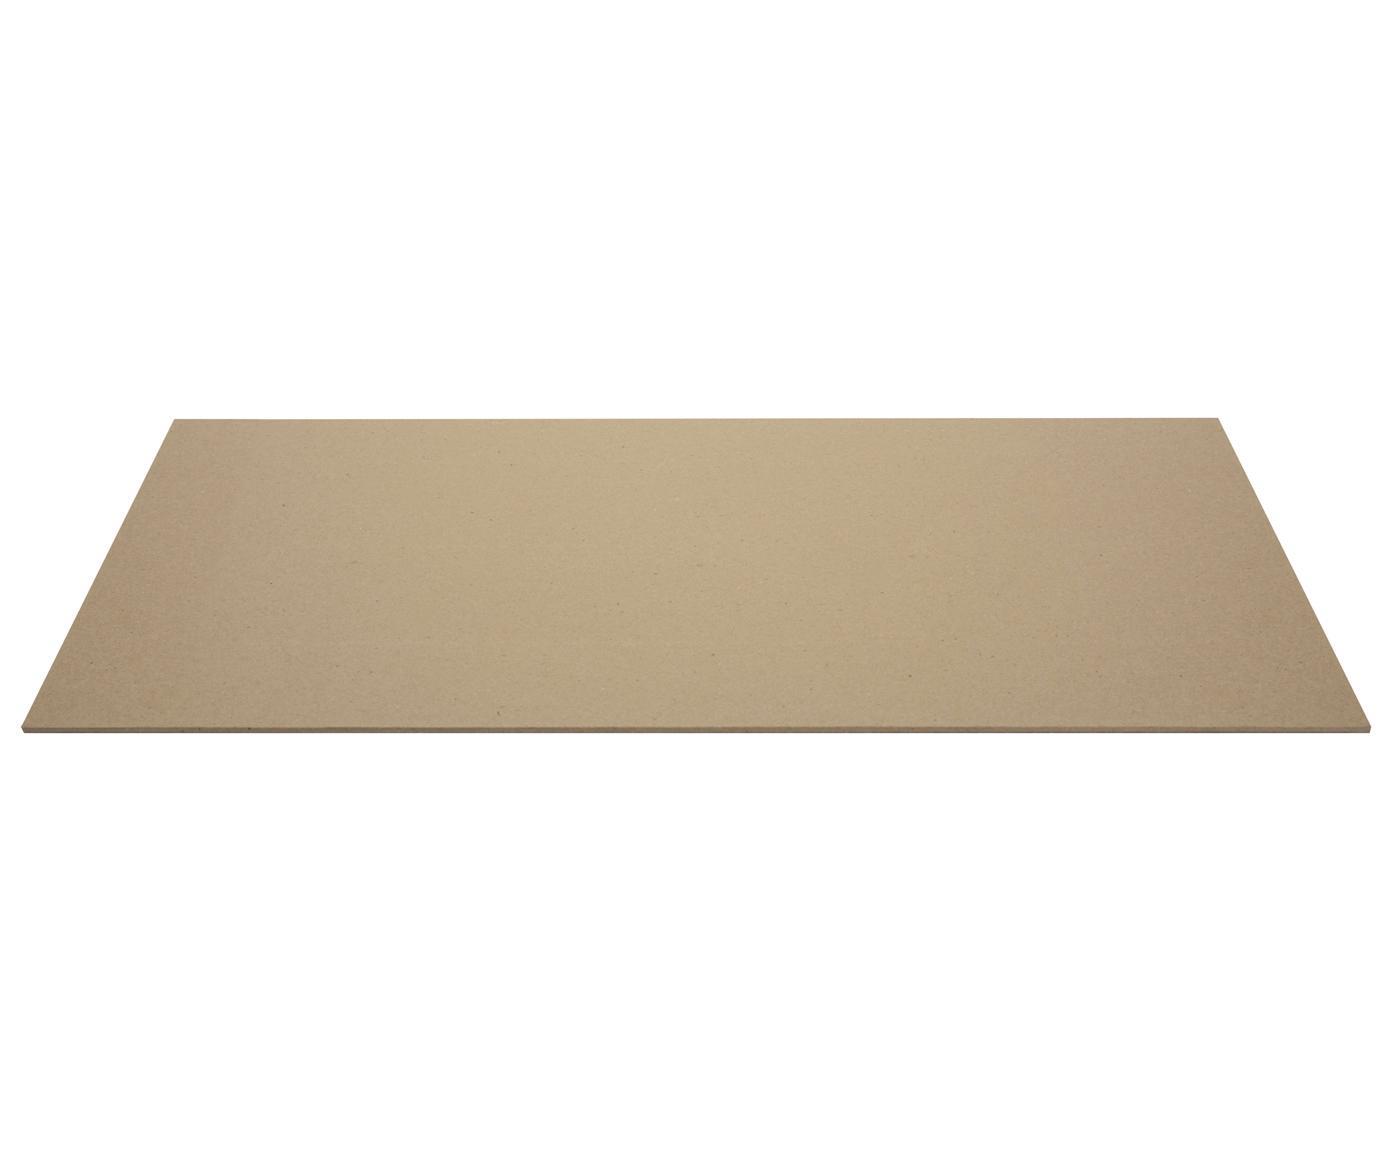 Podkładka na biurko Annie, Tektura laminowana, Jasny brązowy, S 59 x G 39 cm